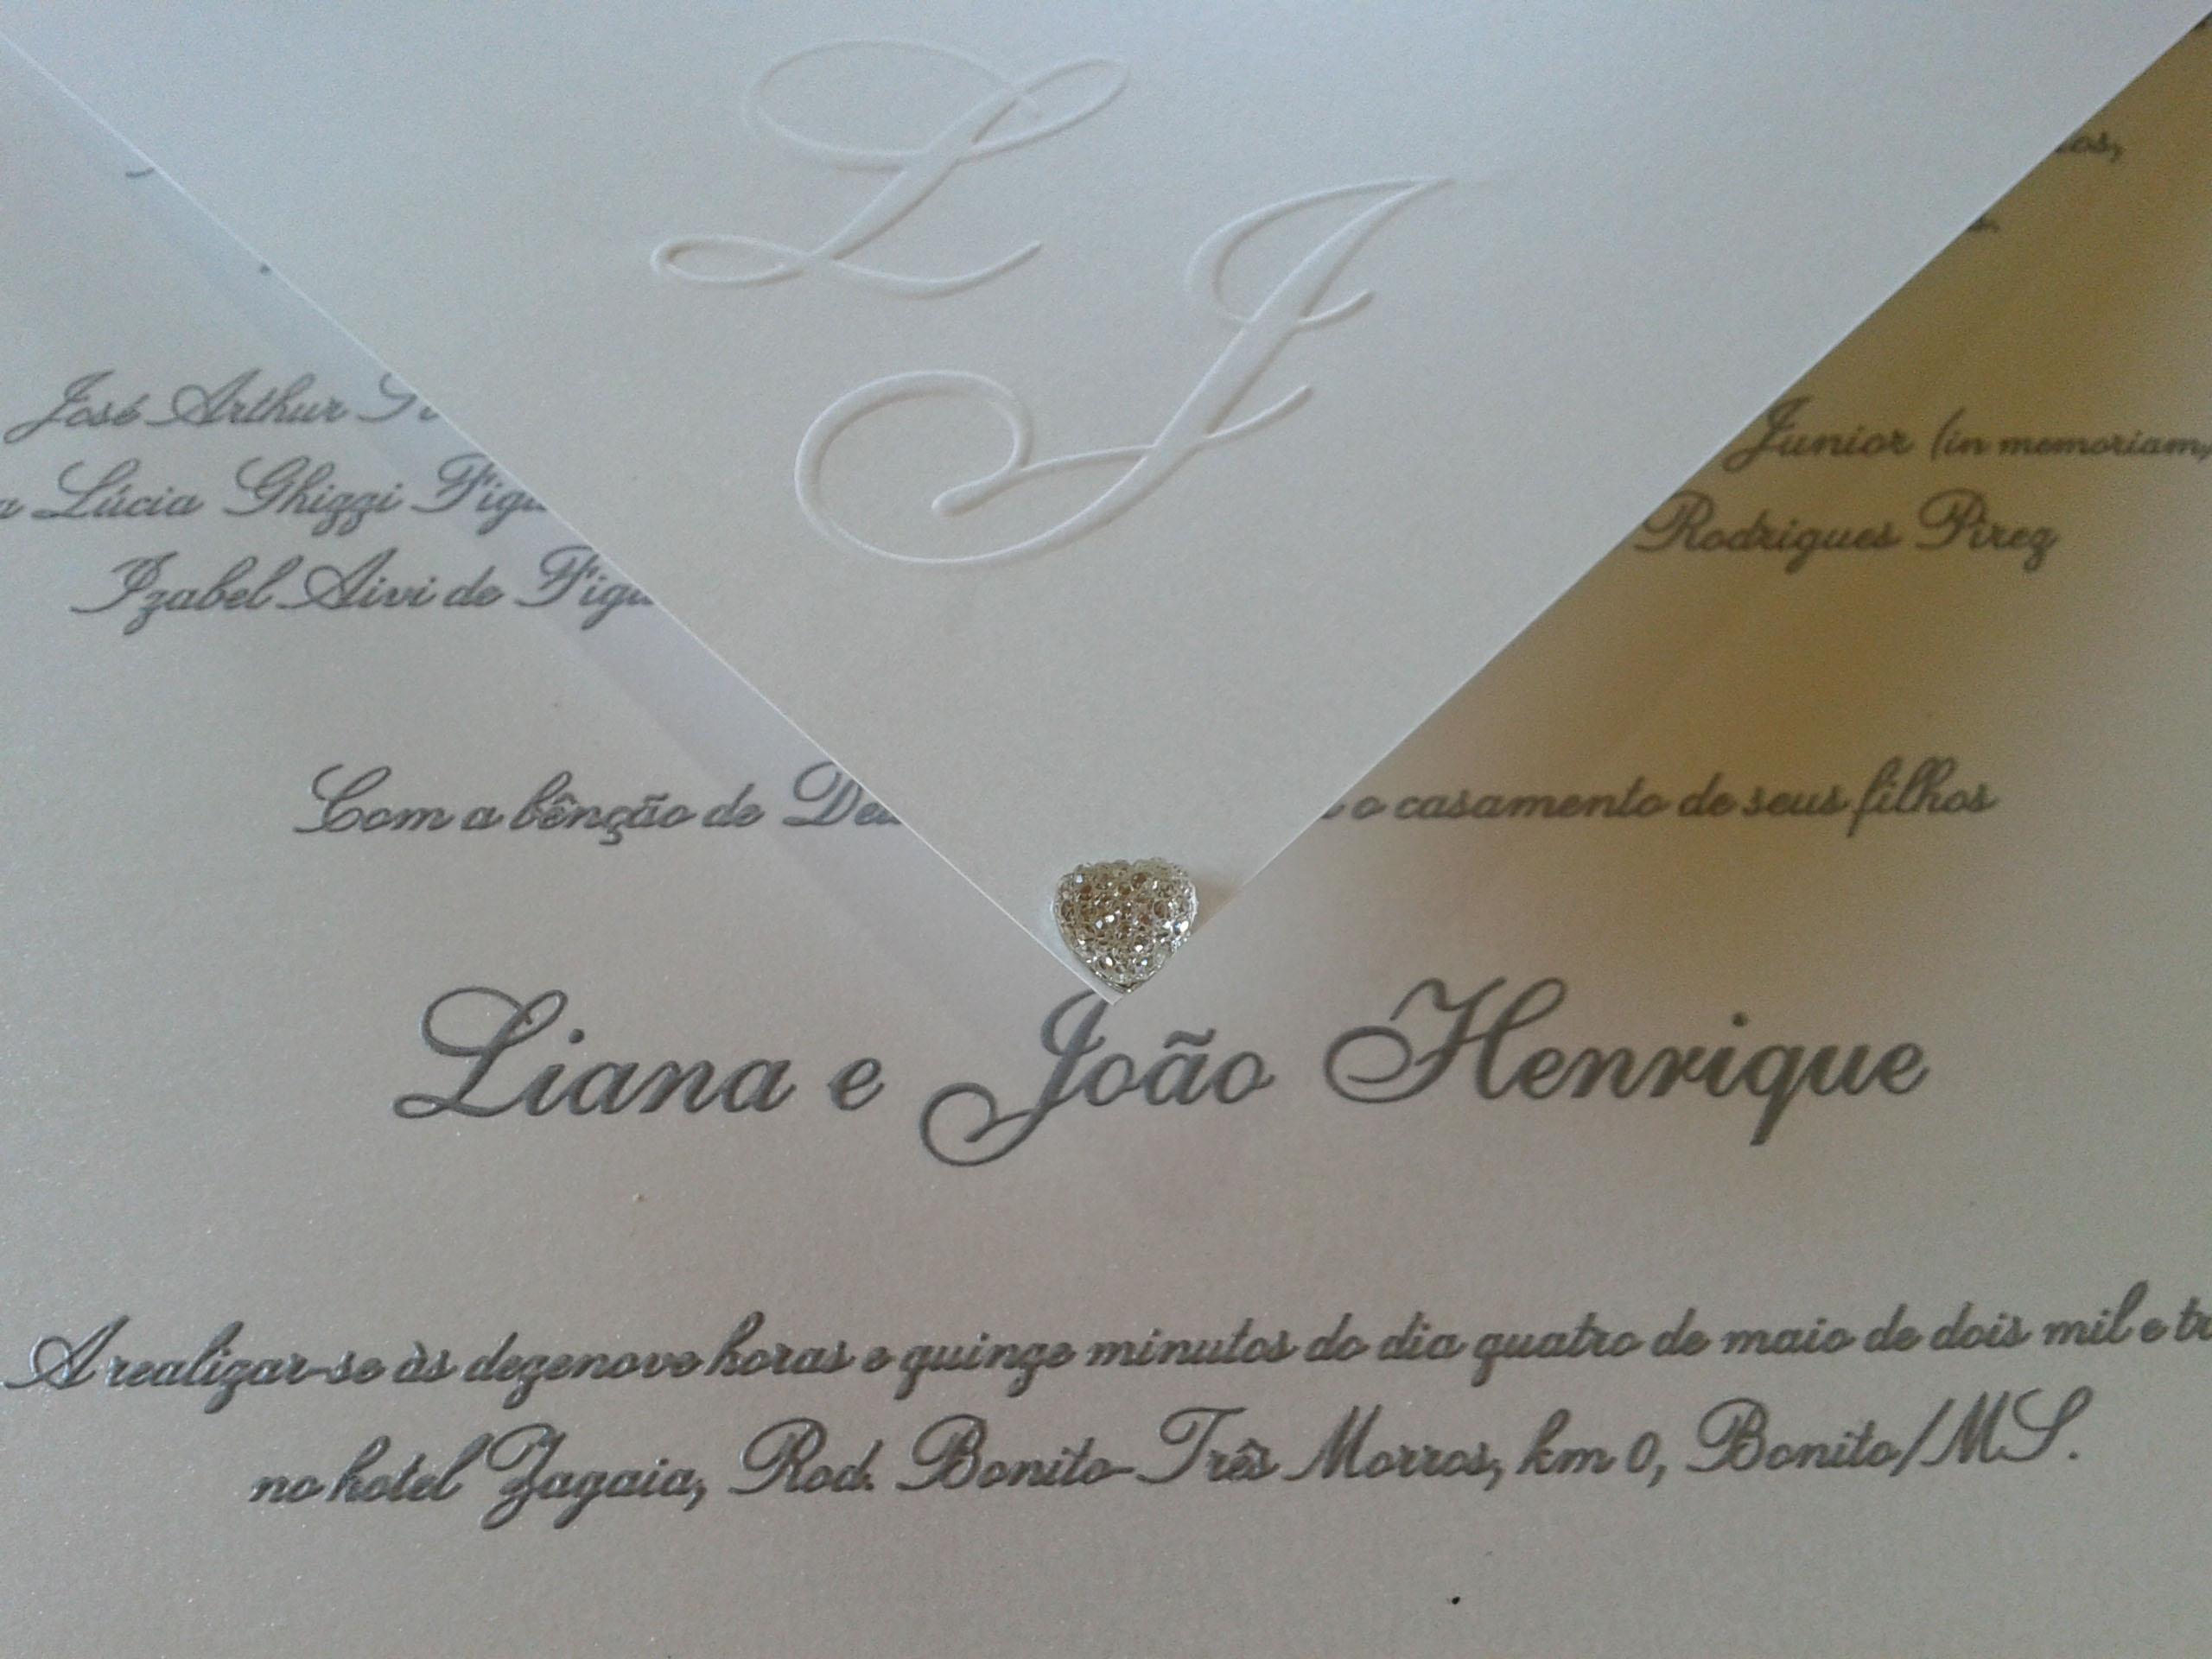 Liana_JoaoHenrique4